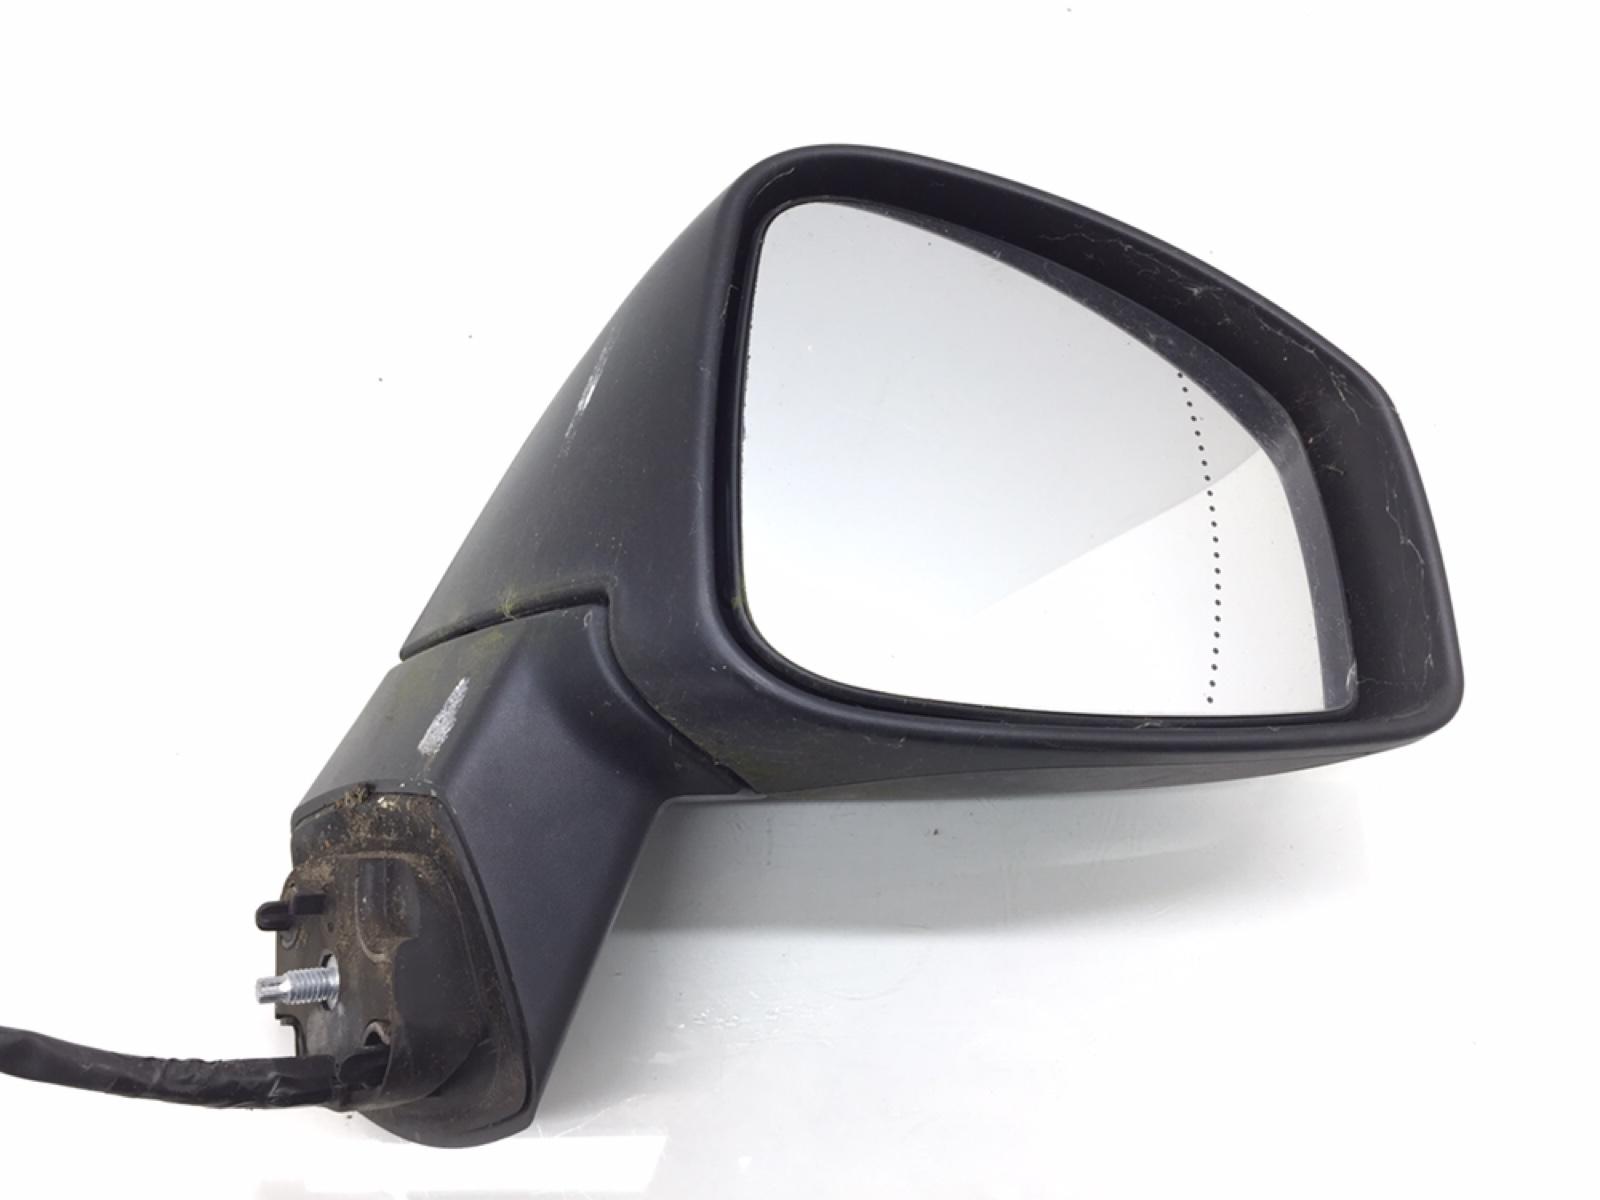 Зеркало наружное правое Renault Grand Scenic 1.5 DCI 2009 (б/у)